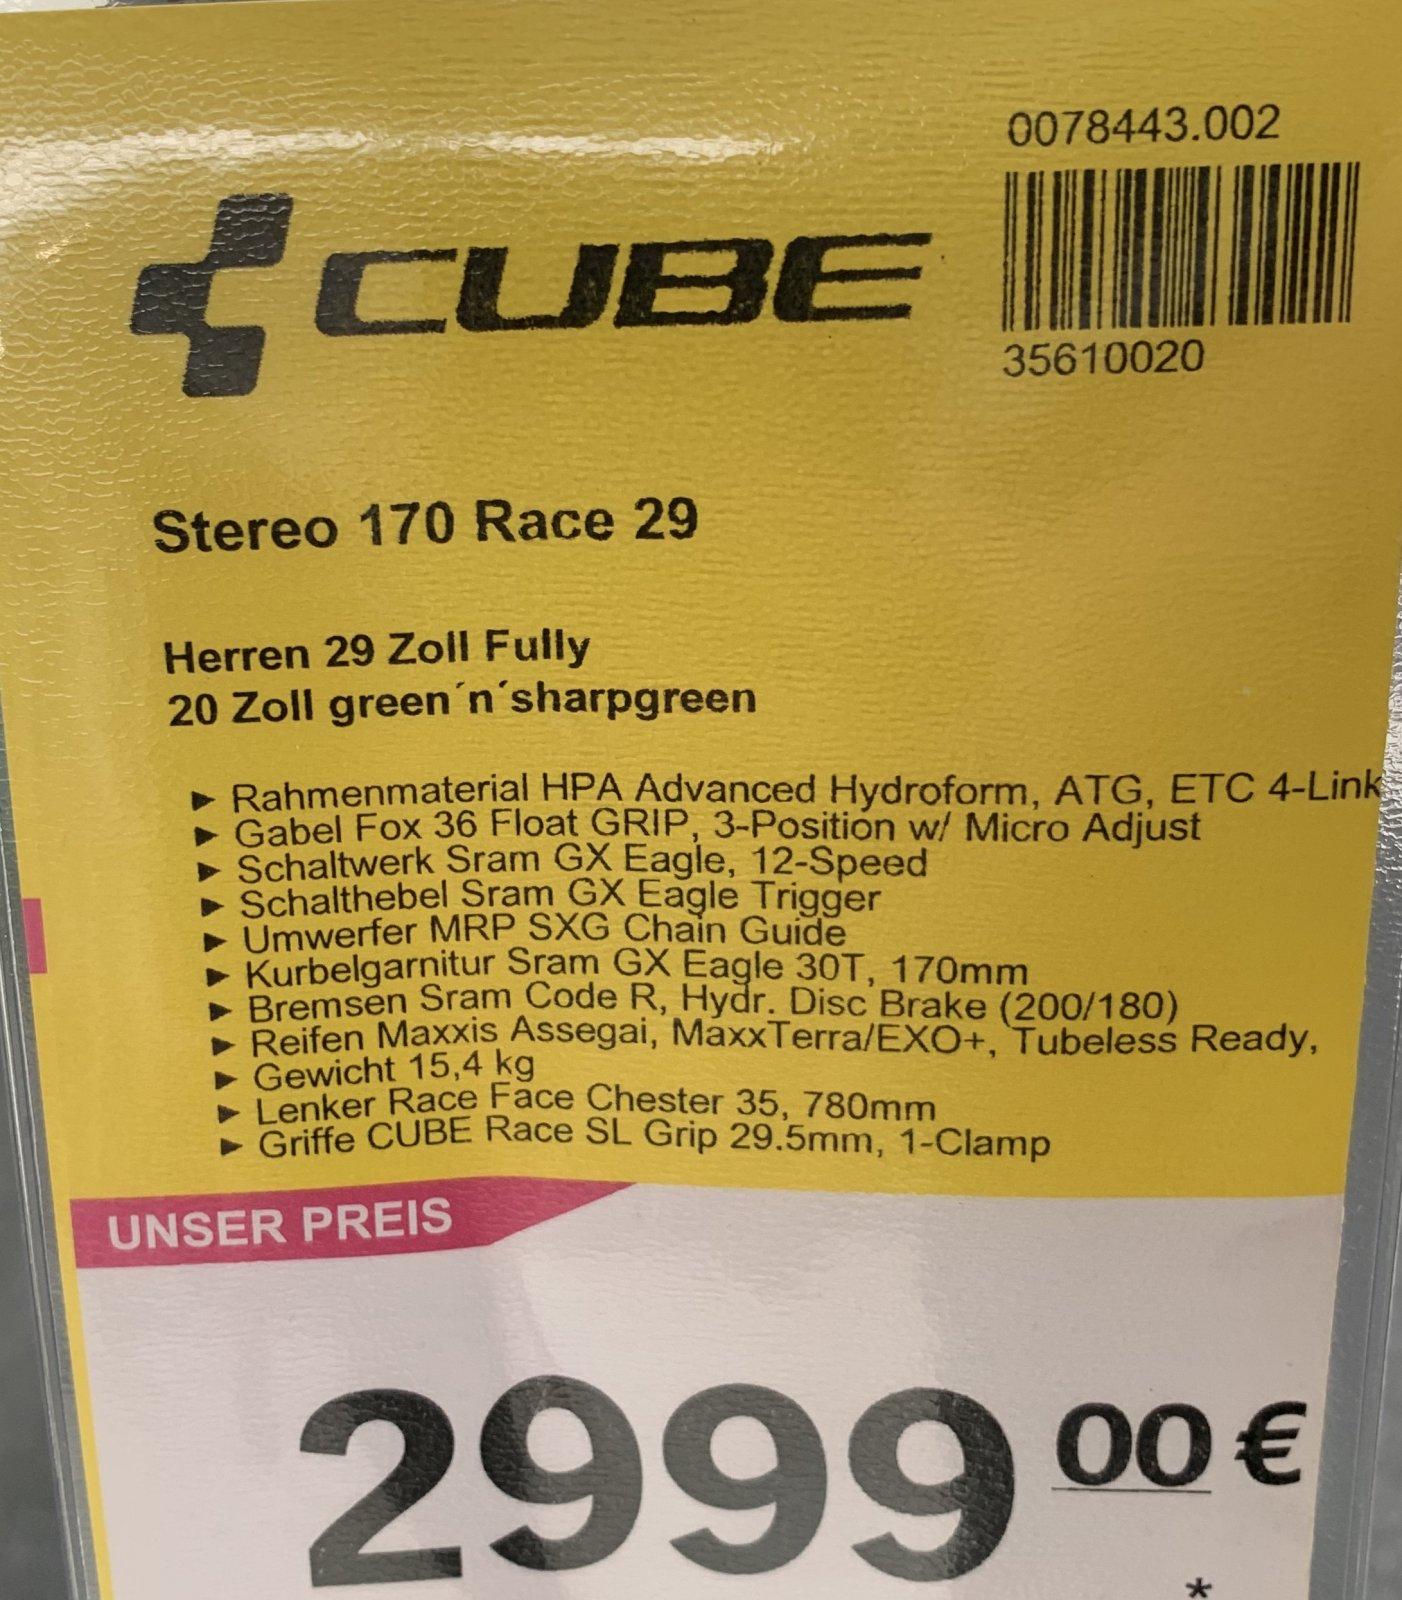 509807C2-8B49-44FF-AC16-C295AC50396F.jpeg